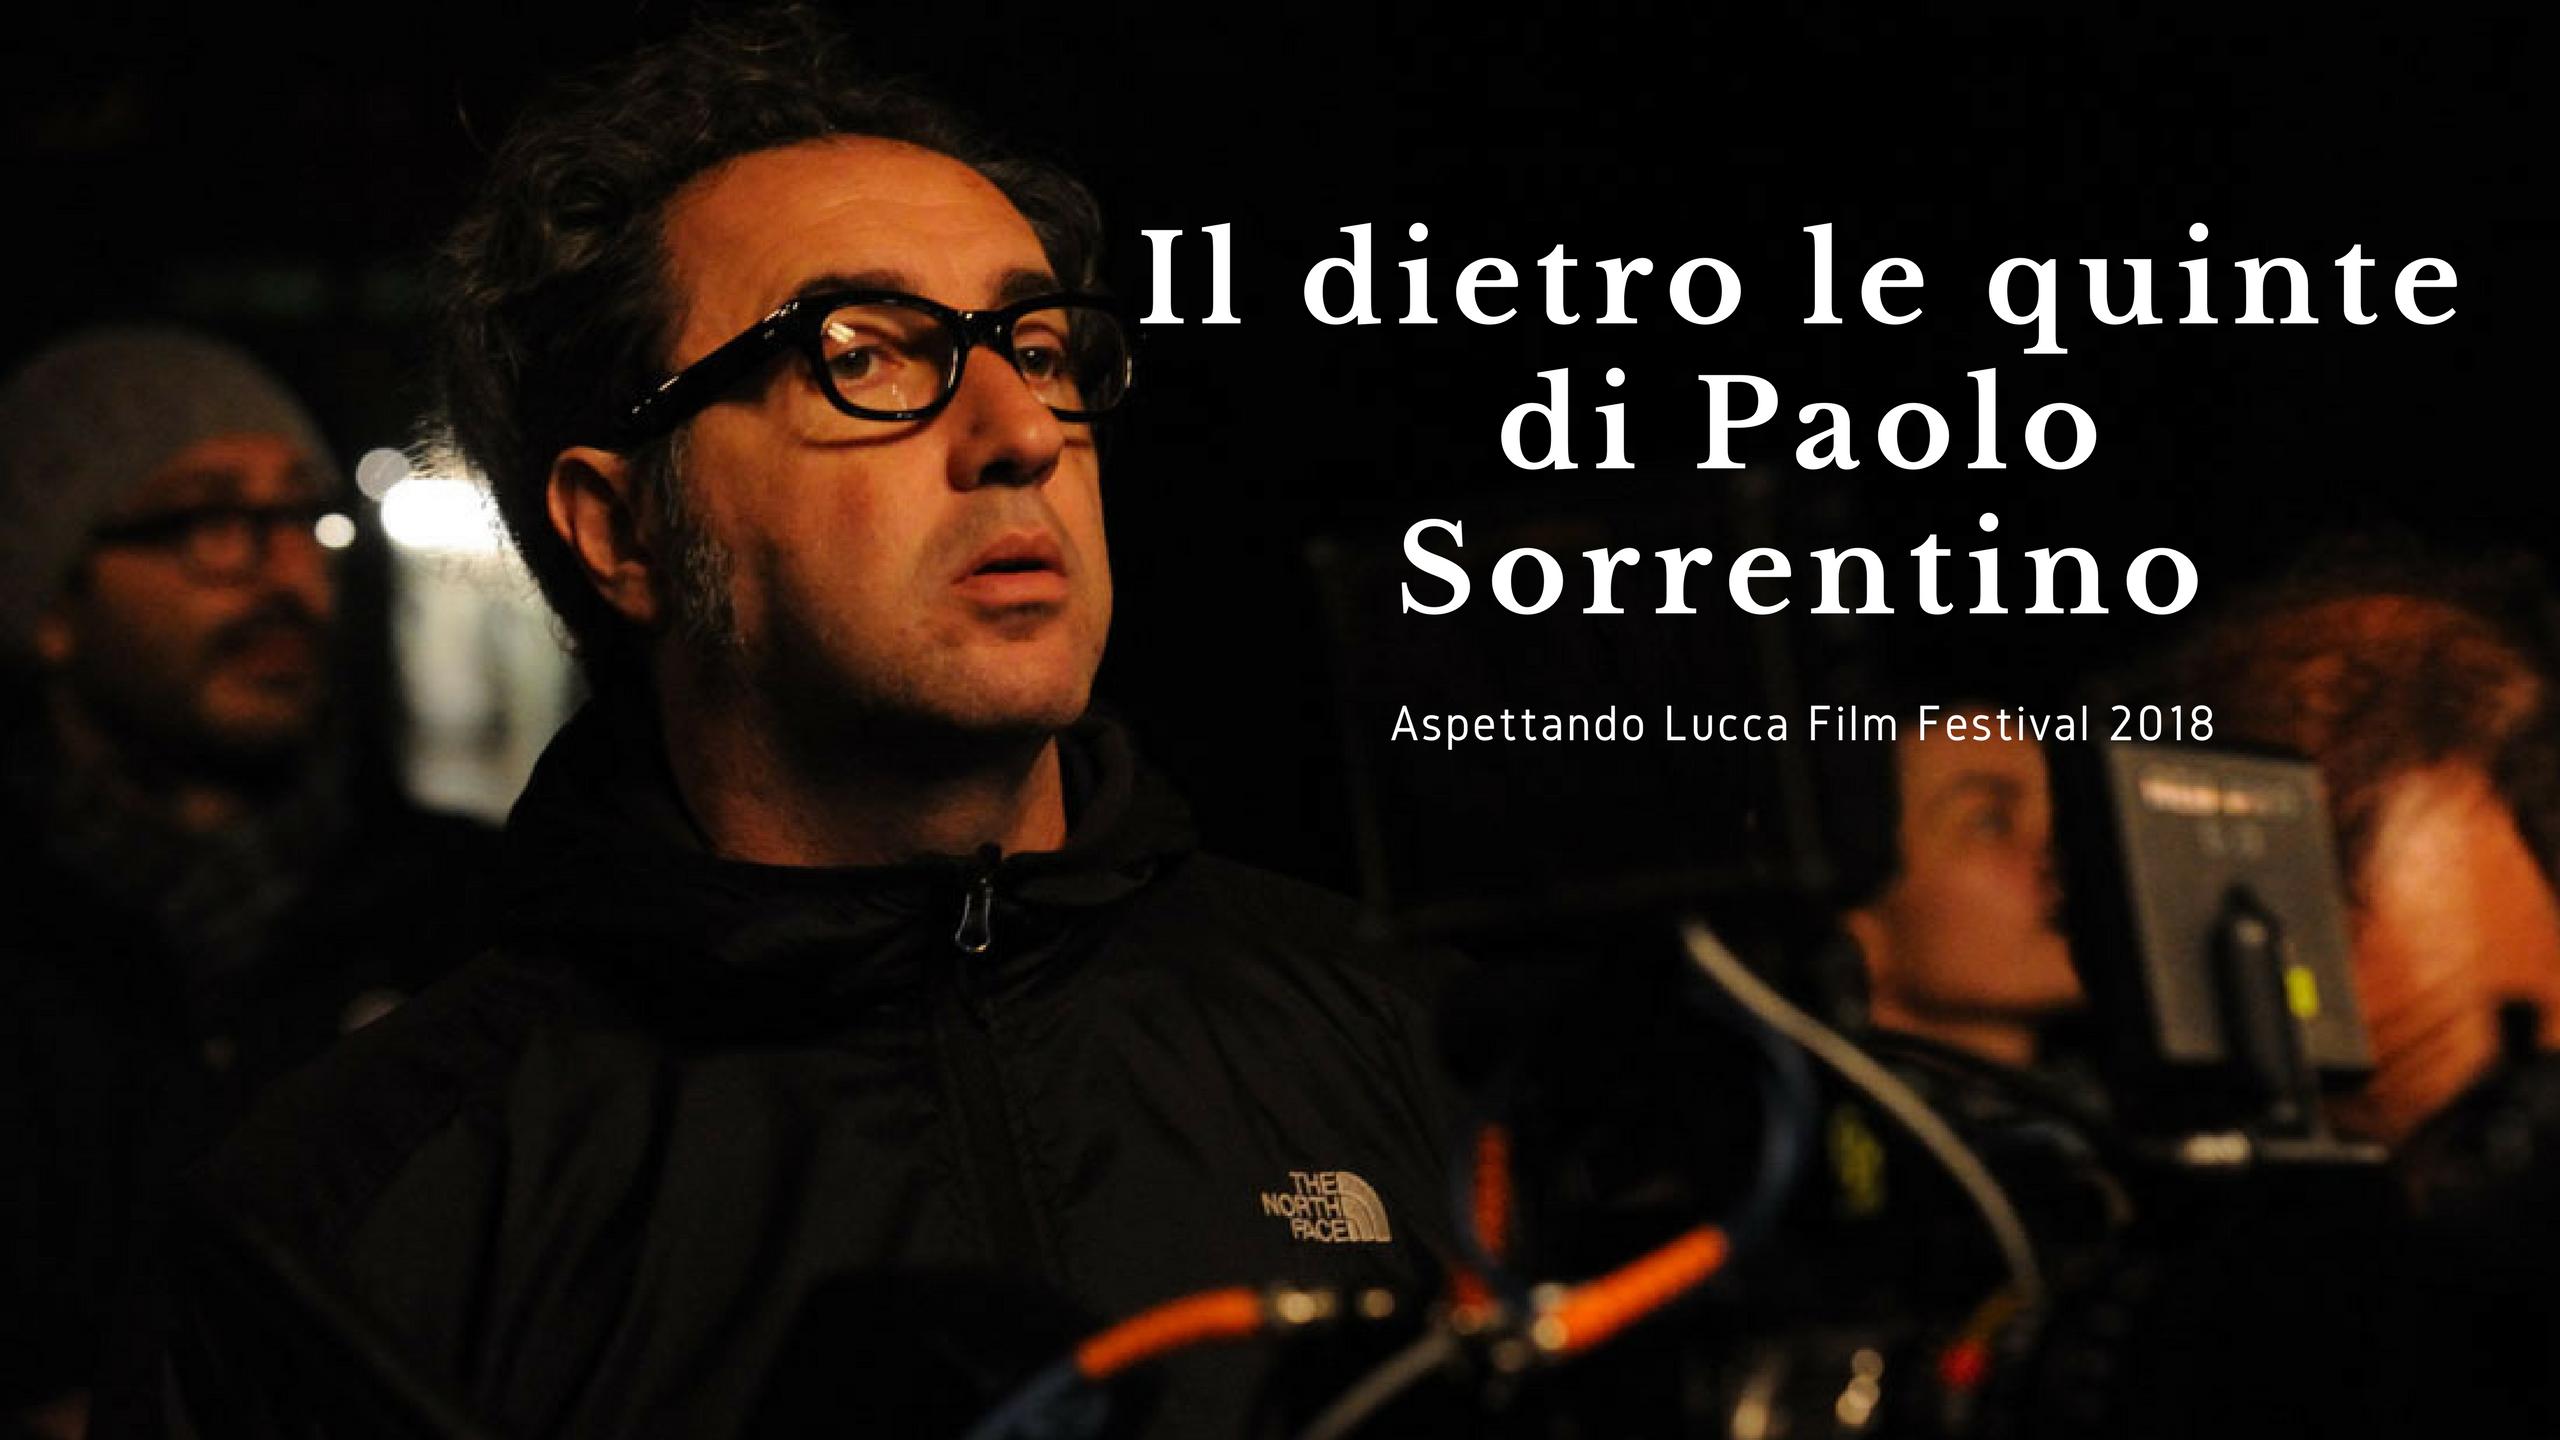 Il dietro le quinte di Paolo Sorrentino